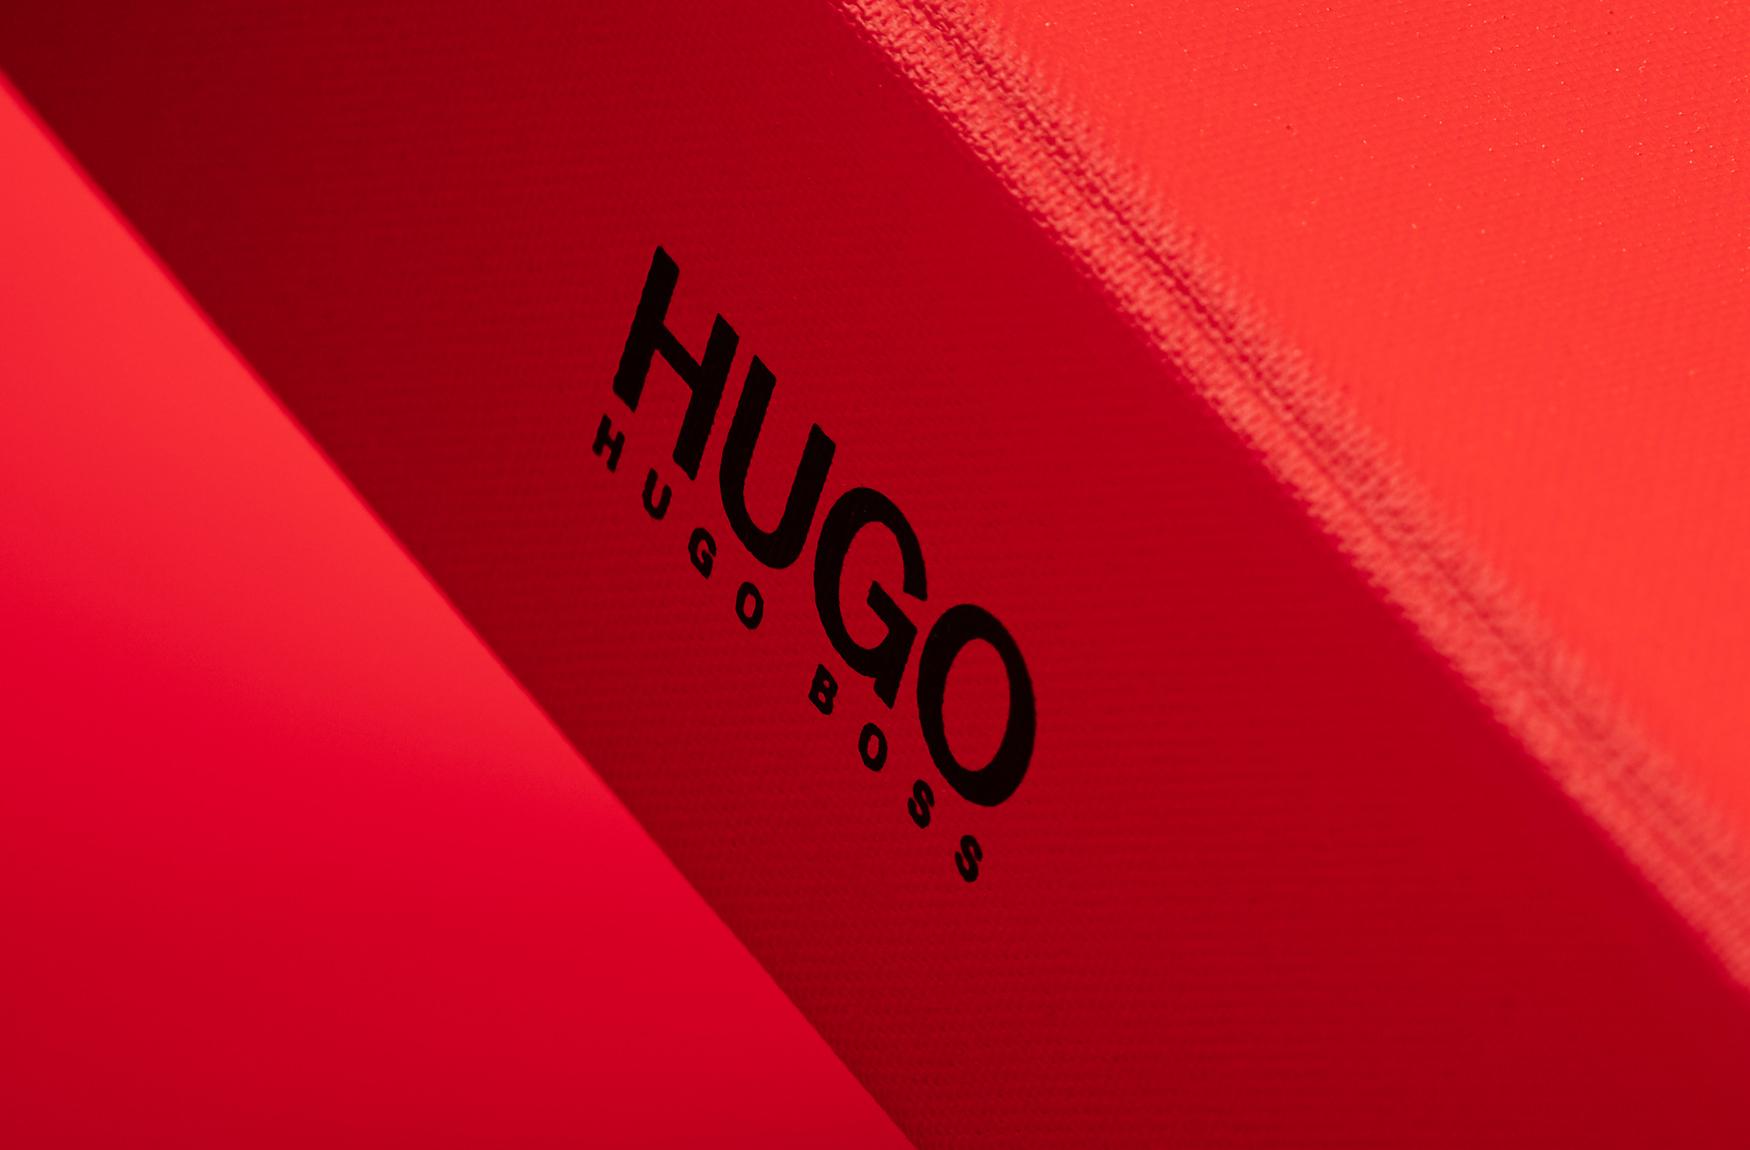 Hugo_Cover_1750x1150